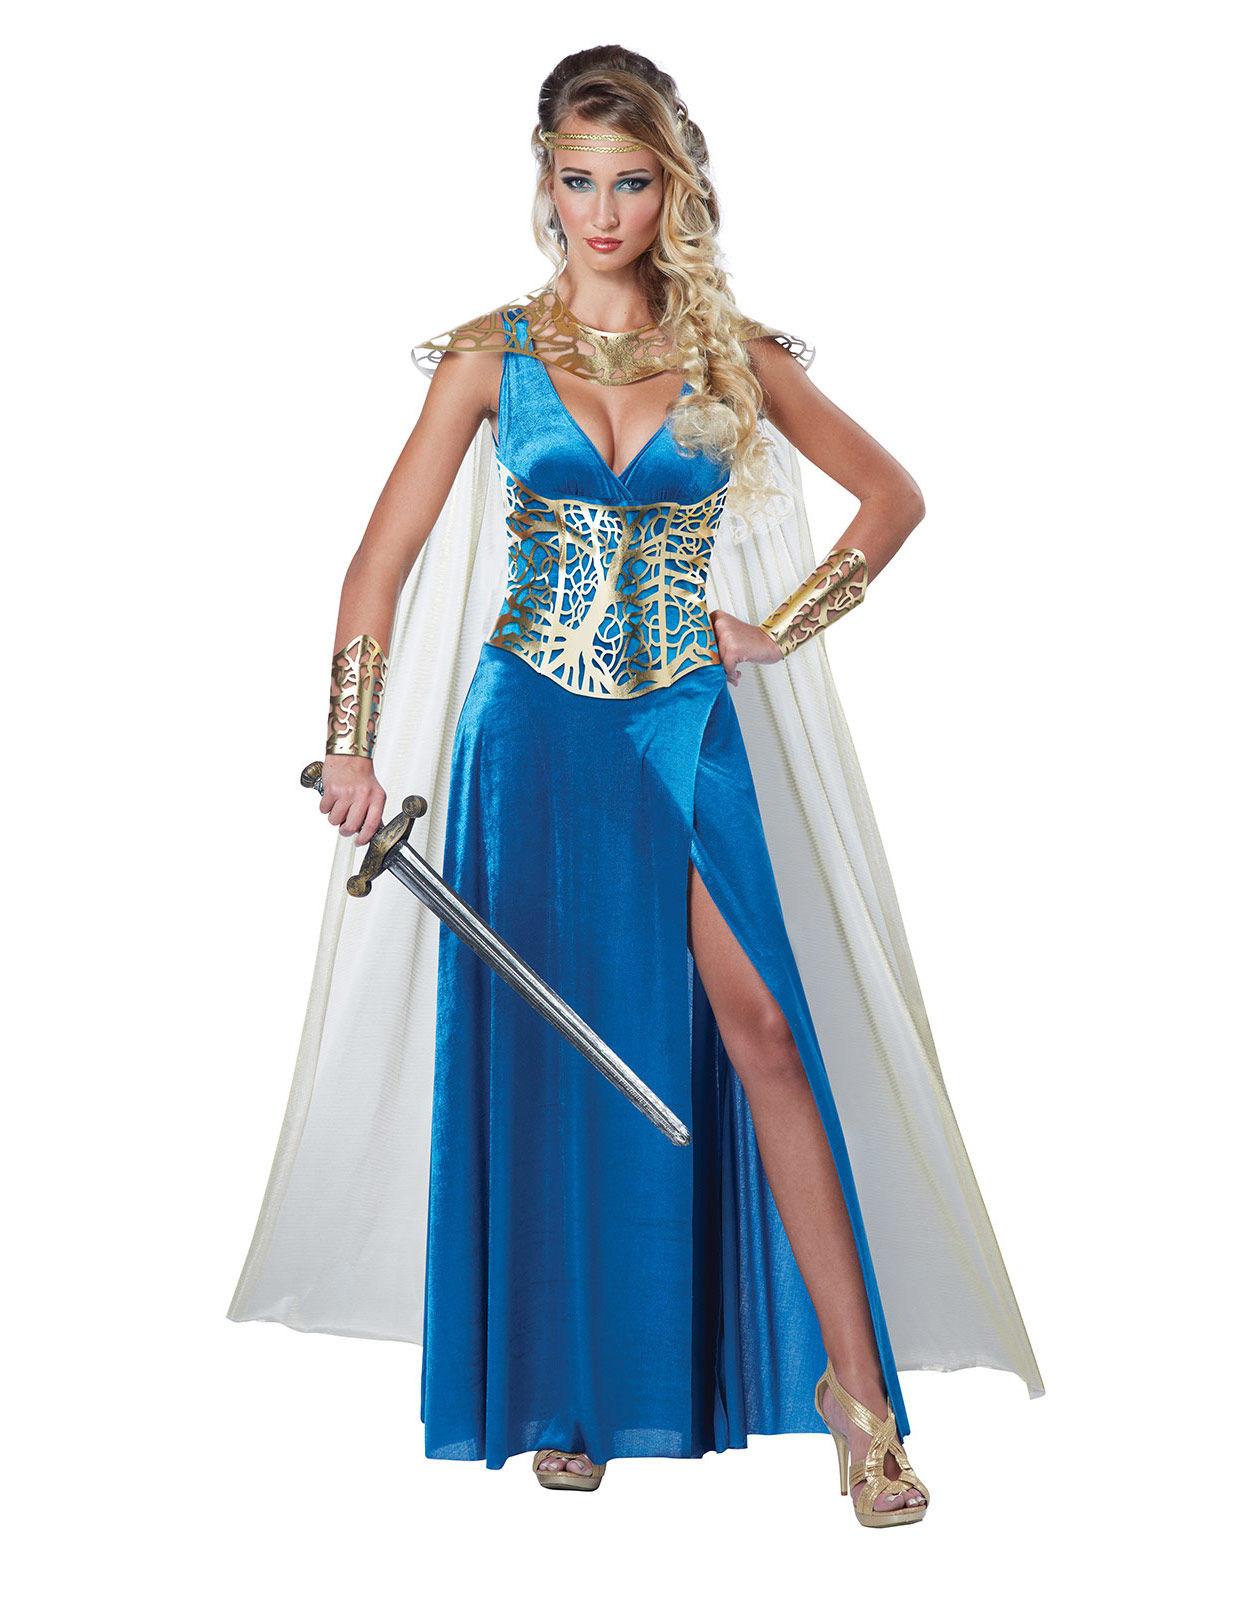 Mittelalterliche Kriegerin - Kostüm für Erwachsene